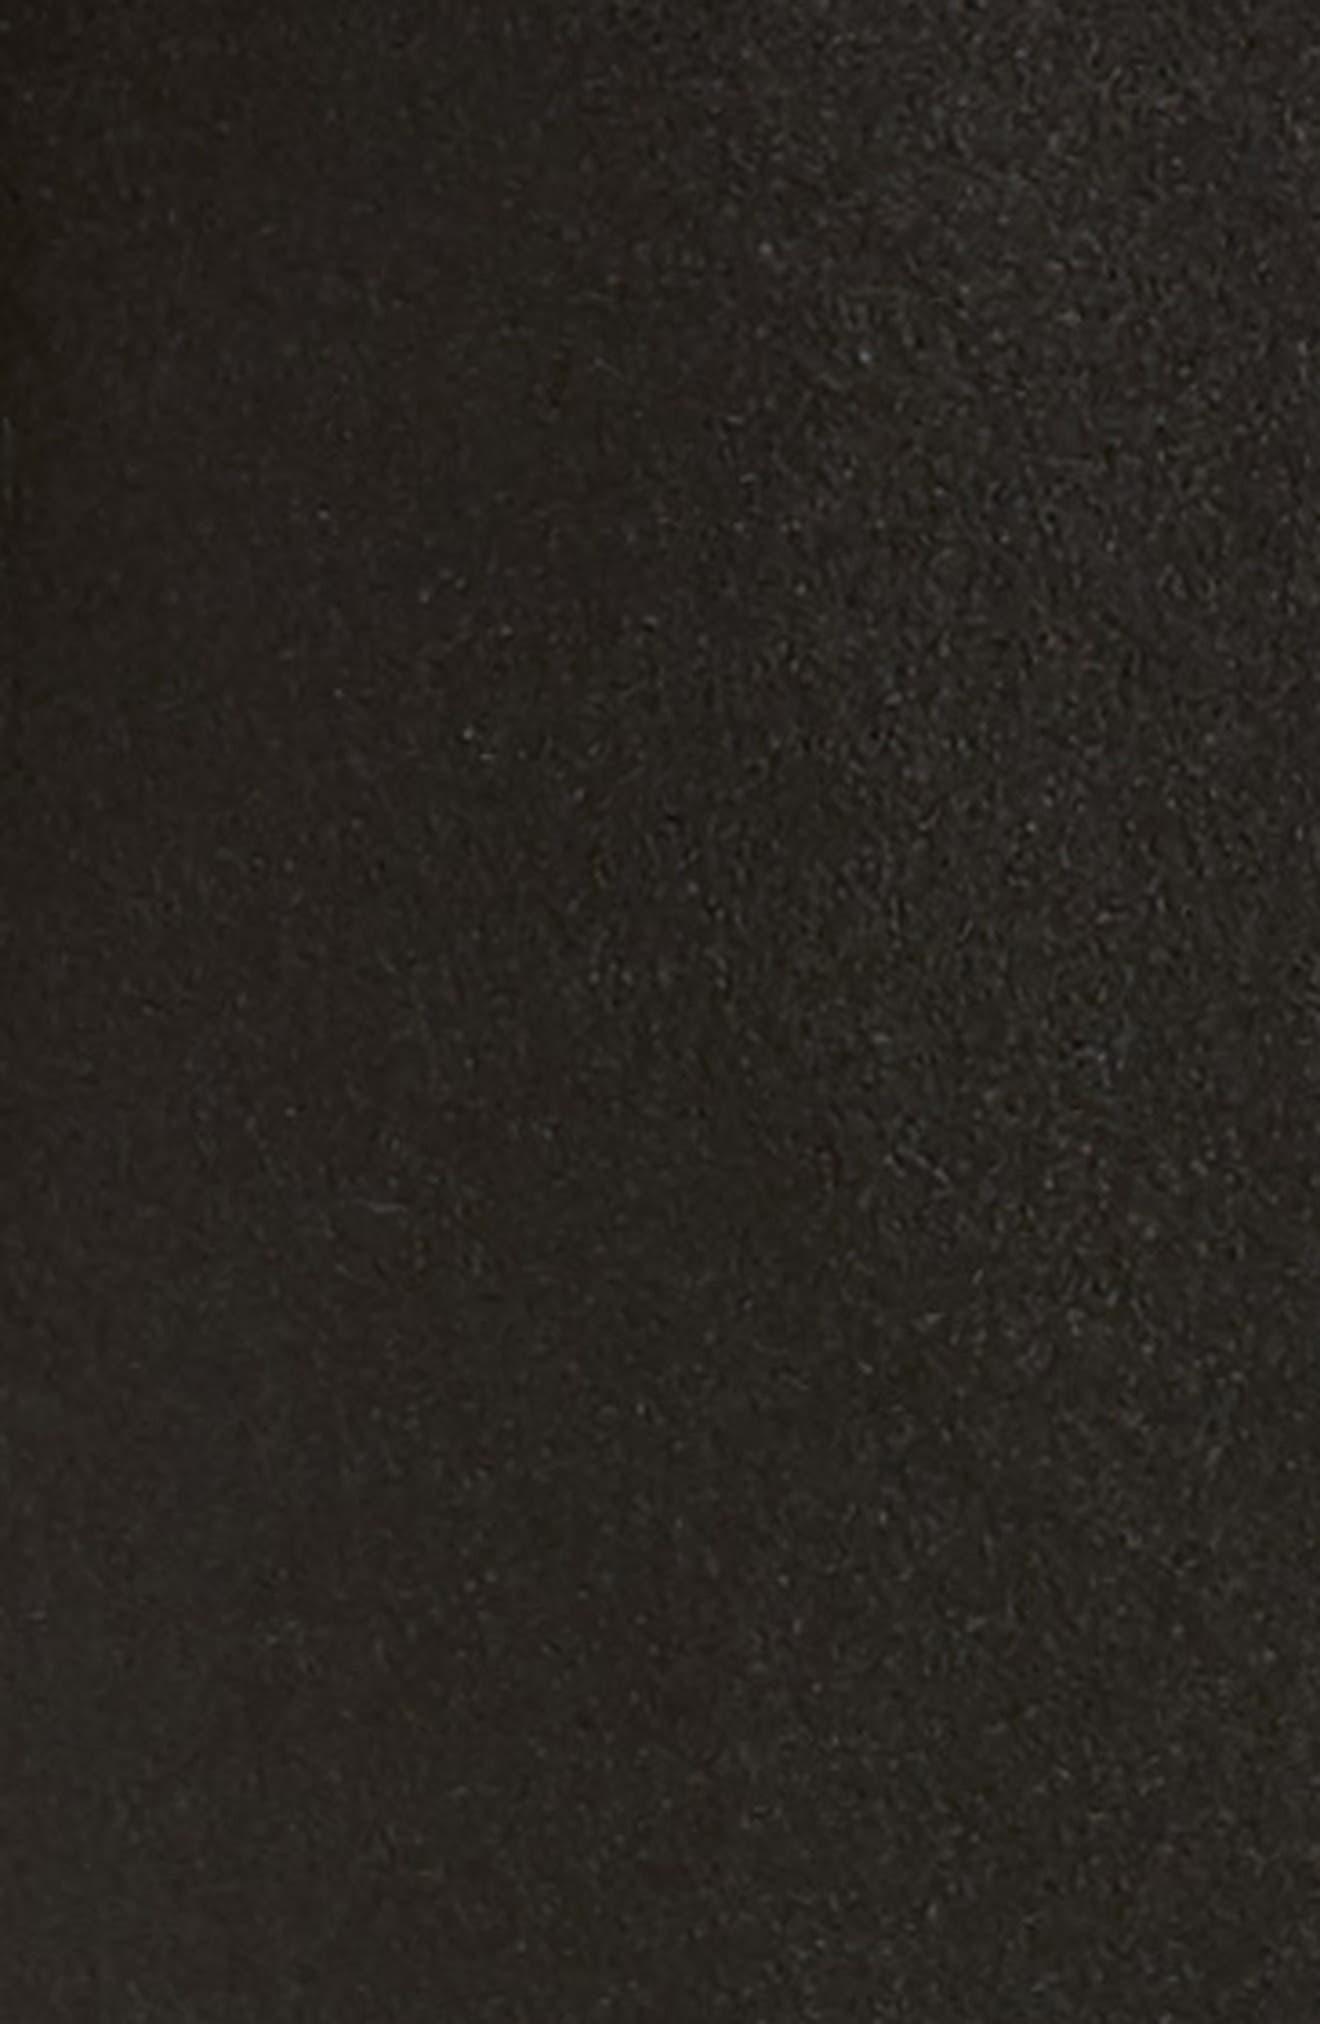 Emily Boiled Wool Blend Duster Coat,                             Alternate thumbnail 6, color,                             001